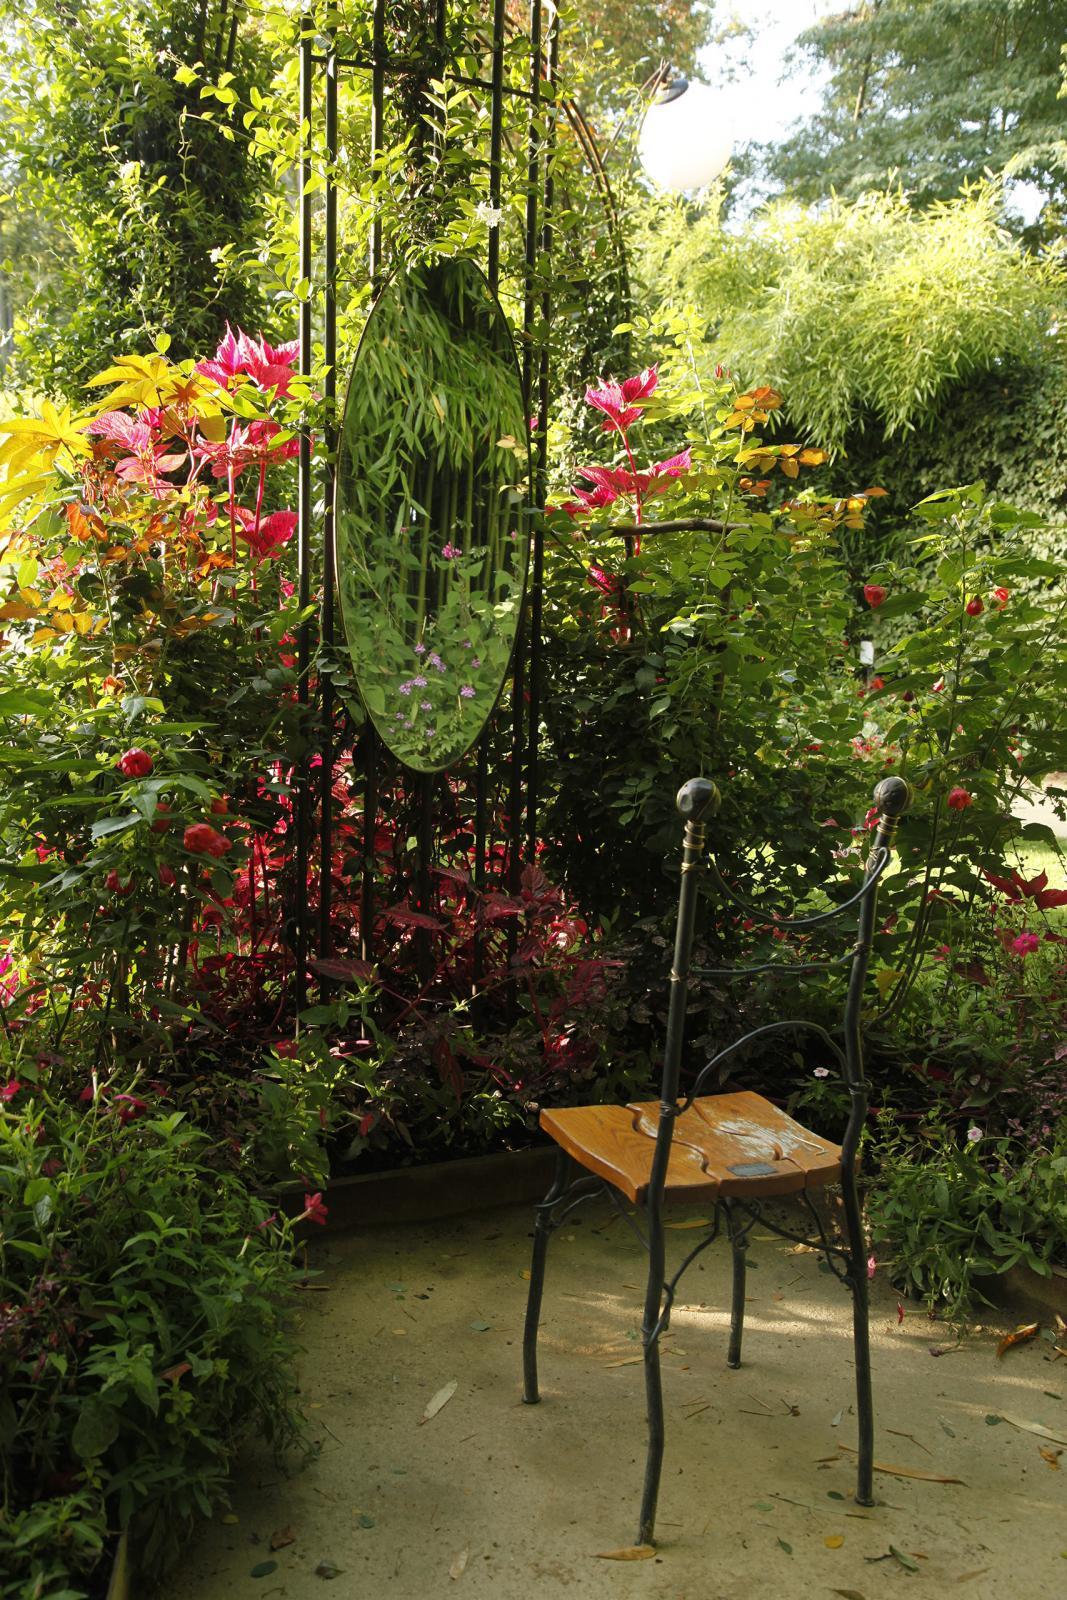 Festival Des Jardins Chaumont Sur Loire 2009 beauty garden | domaine de chaumont-sur-loire